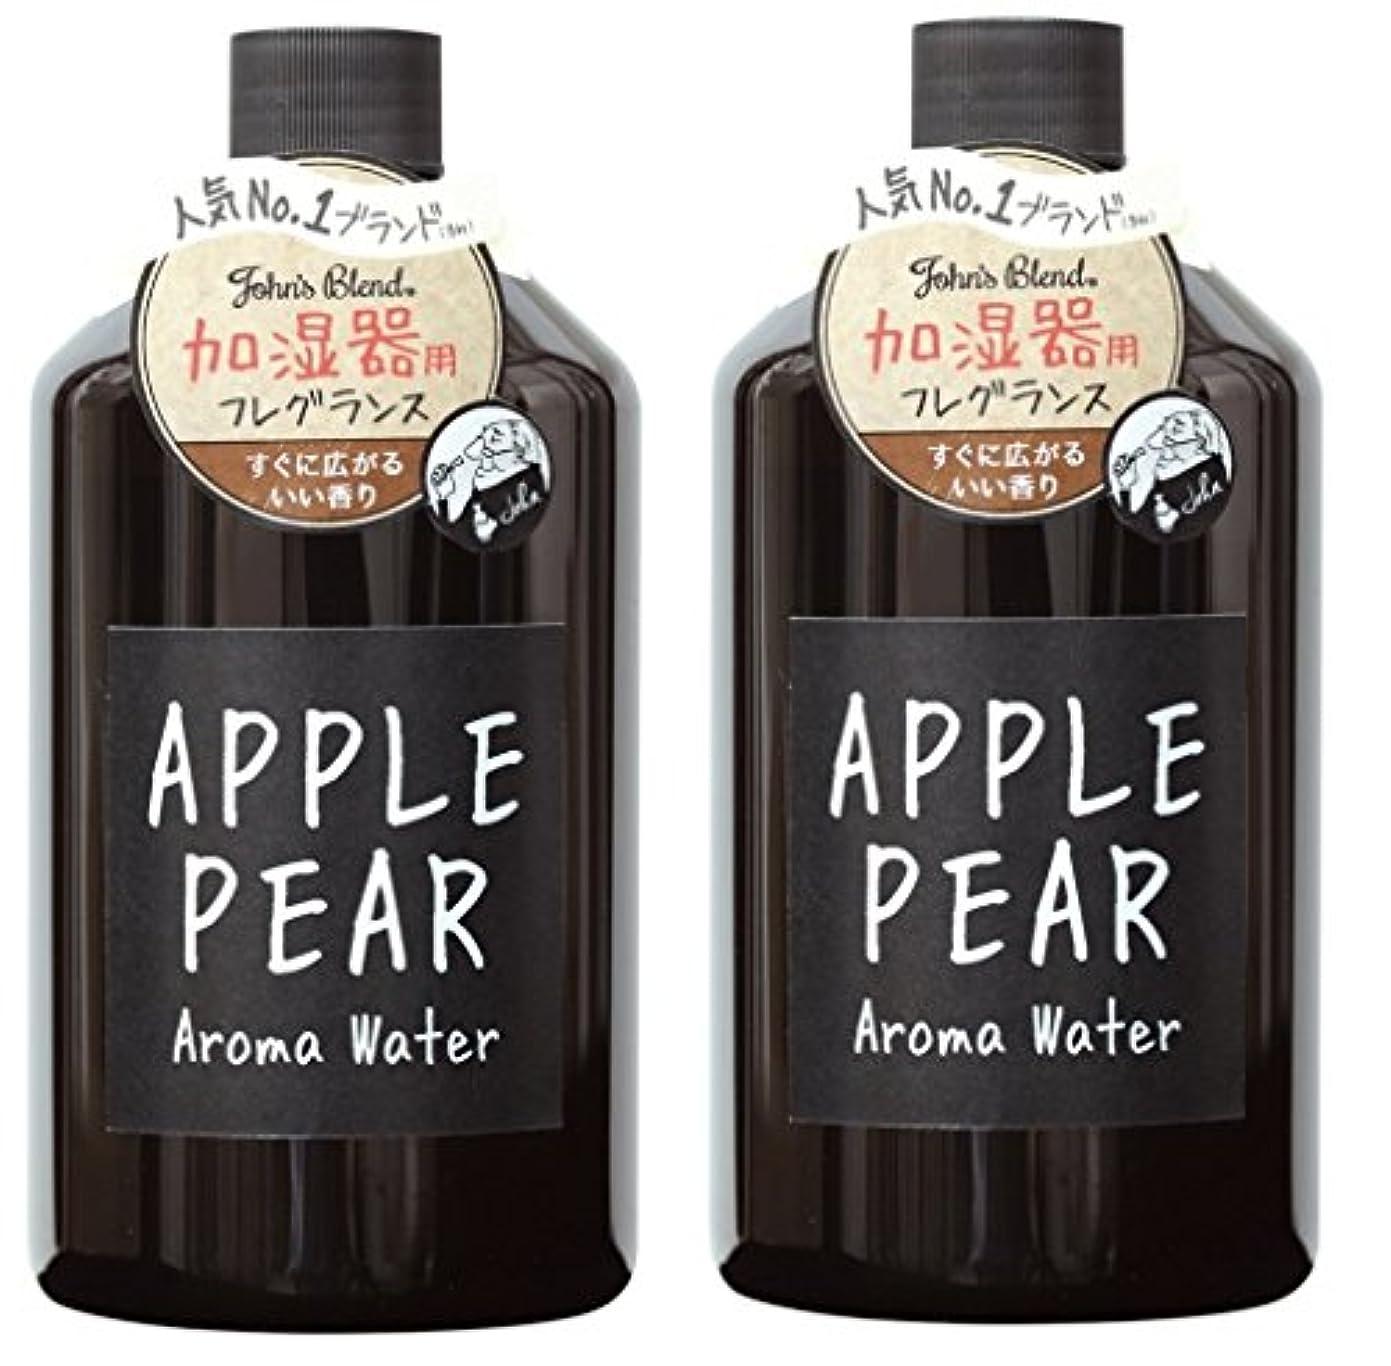 批判アプライアンス勤勉な【2個セット】Johns Blend アロマウォーター 加湿器 用 480ml アップルペアー の香り OA-JON-7-4